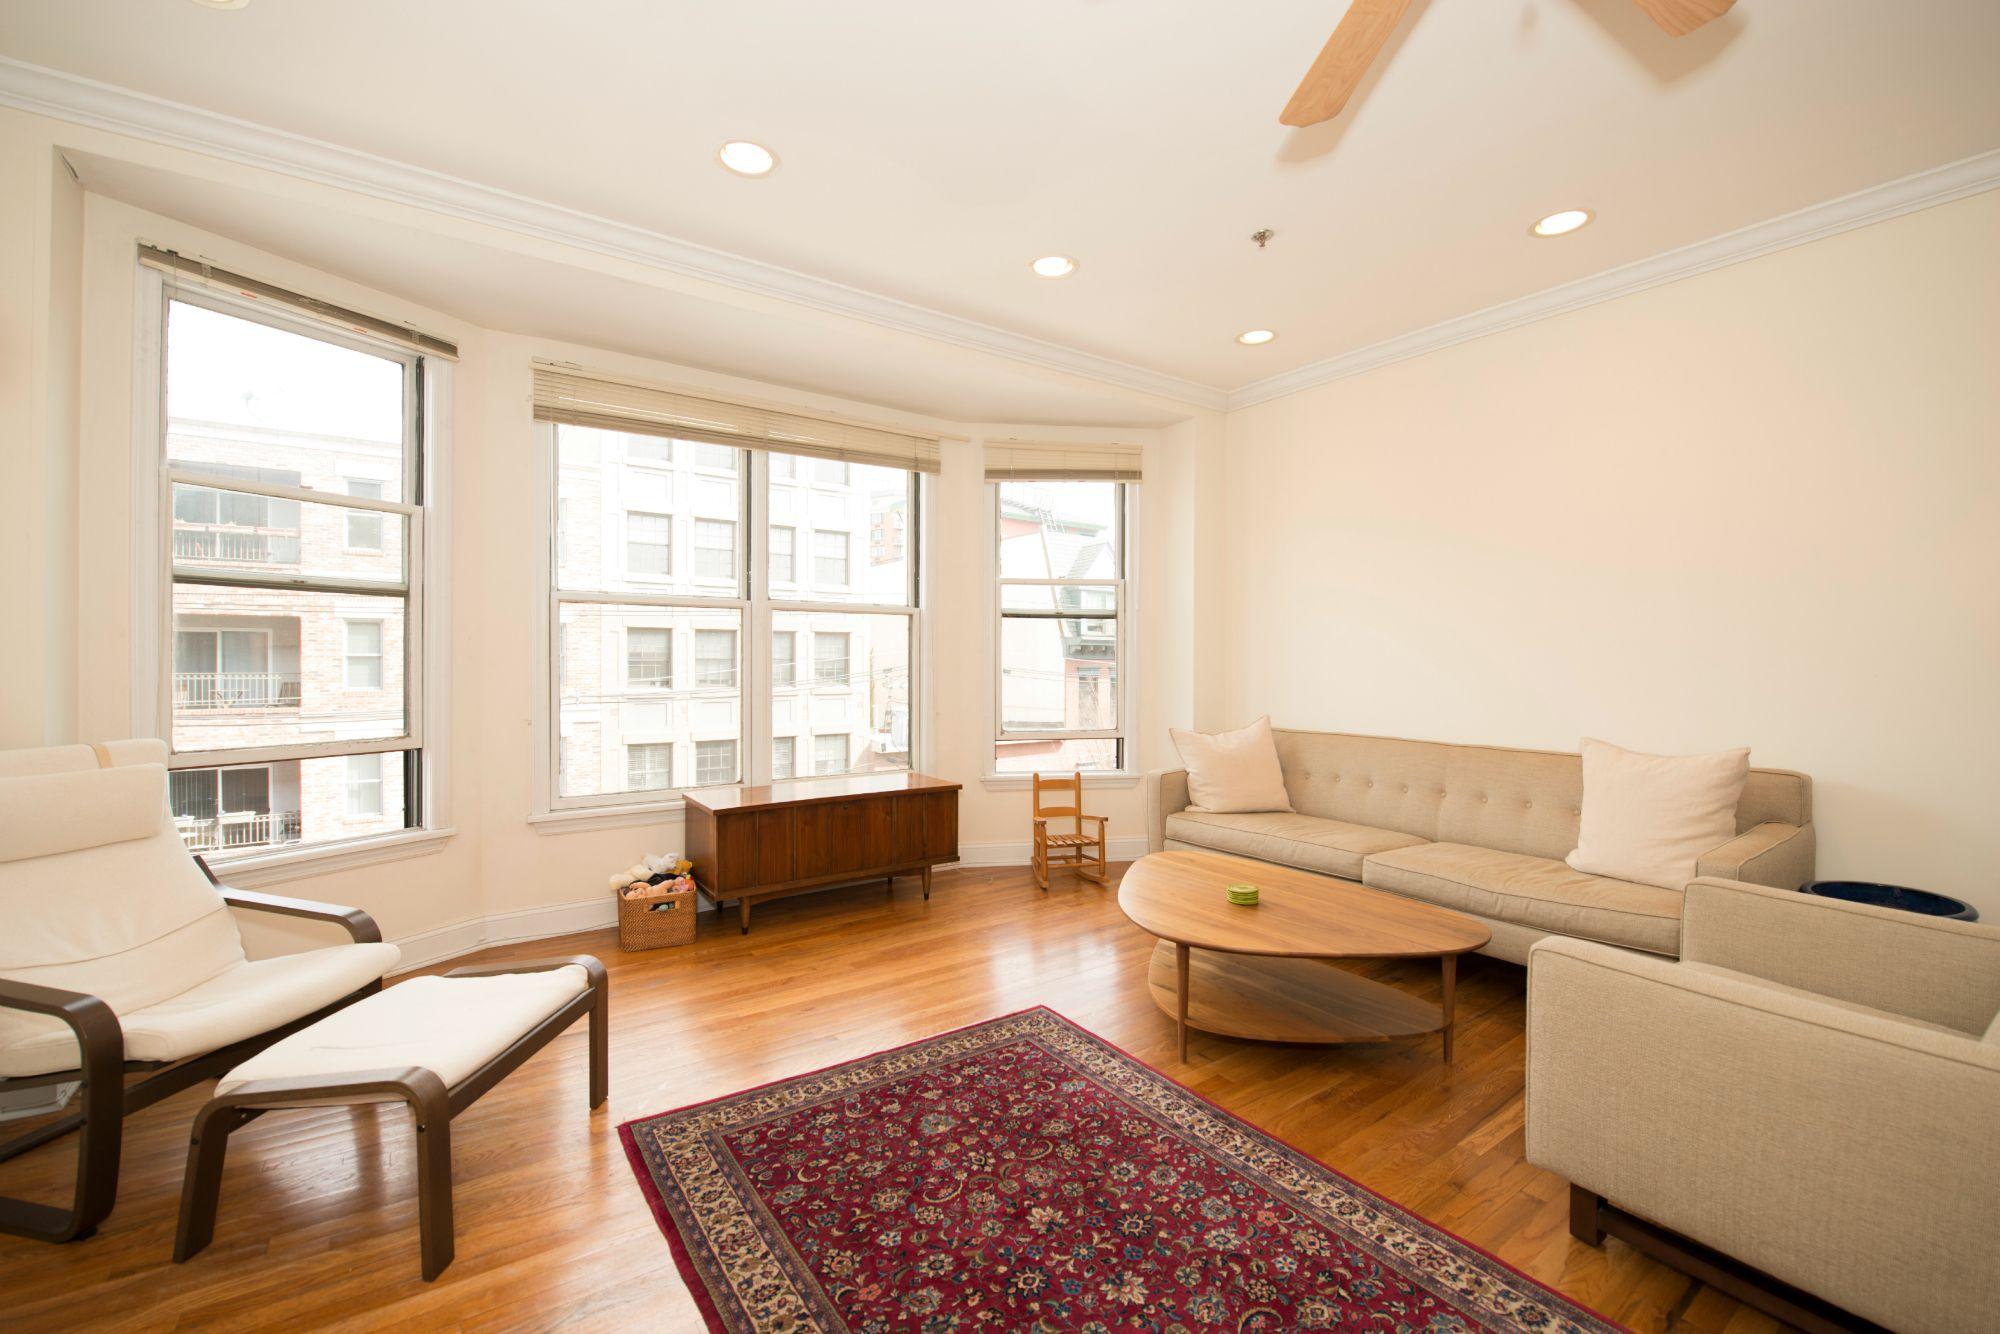 2 Bedroom Apartments In Hoboken New Jersey